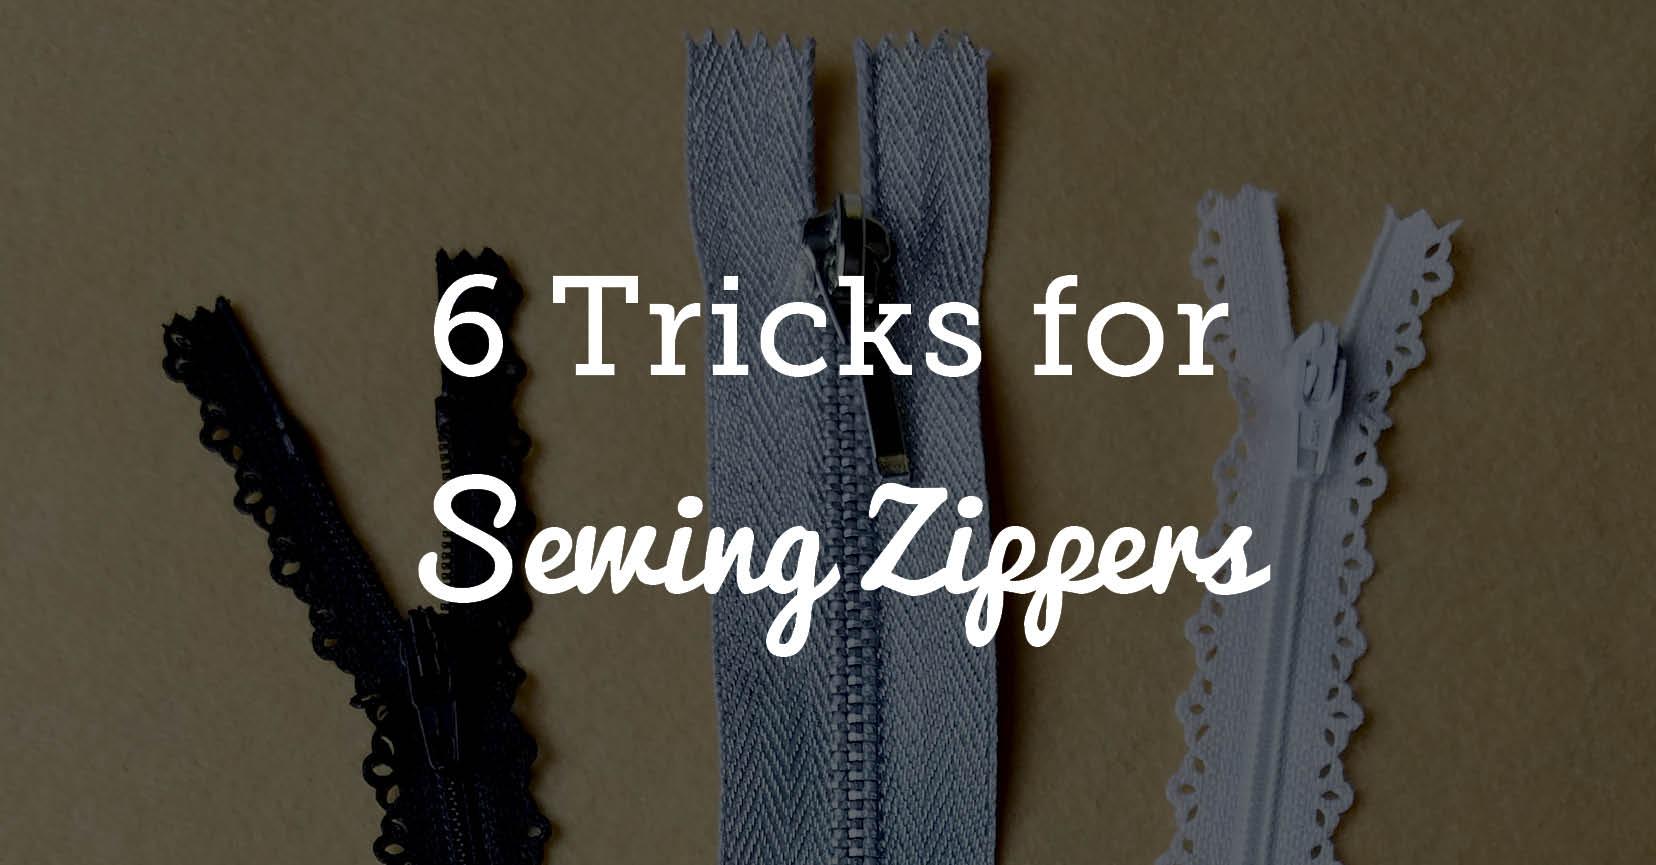 31c3d0f2c93a How to Sew a Zipper  6 Helpful Tips